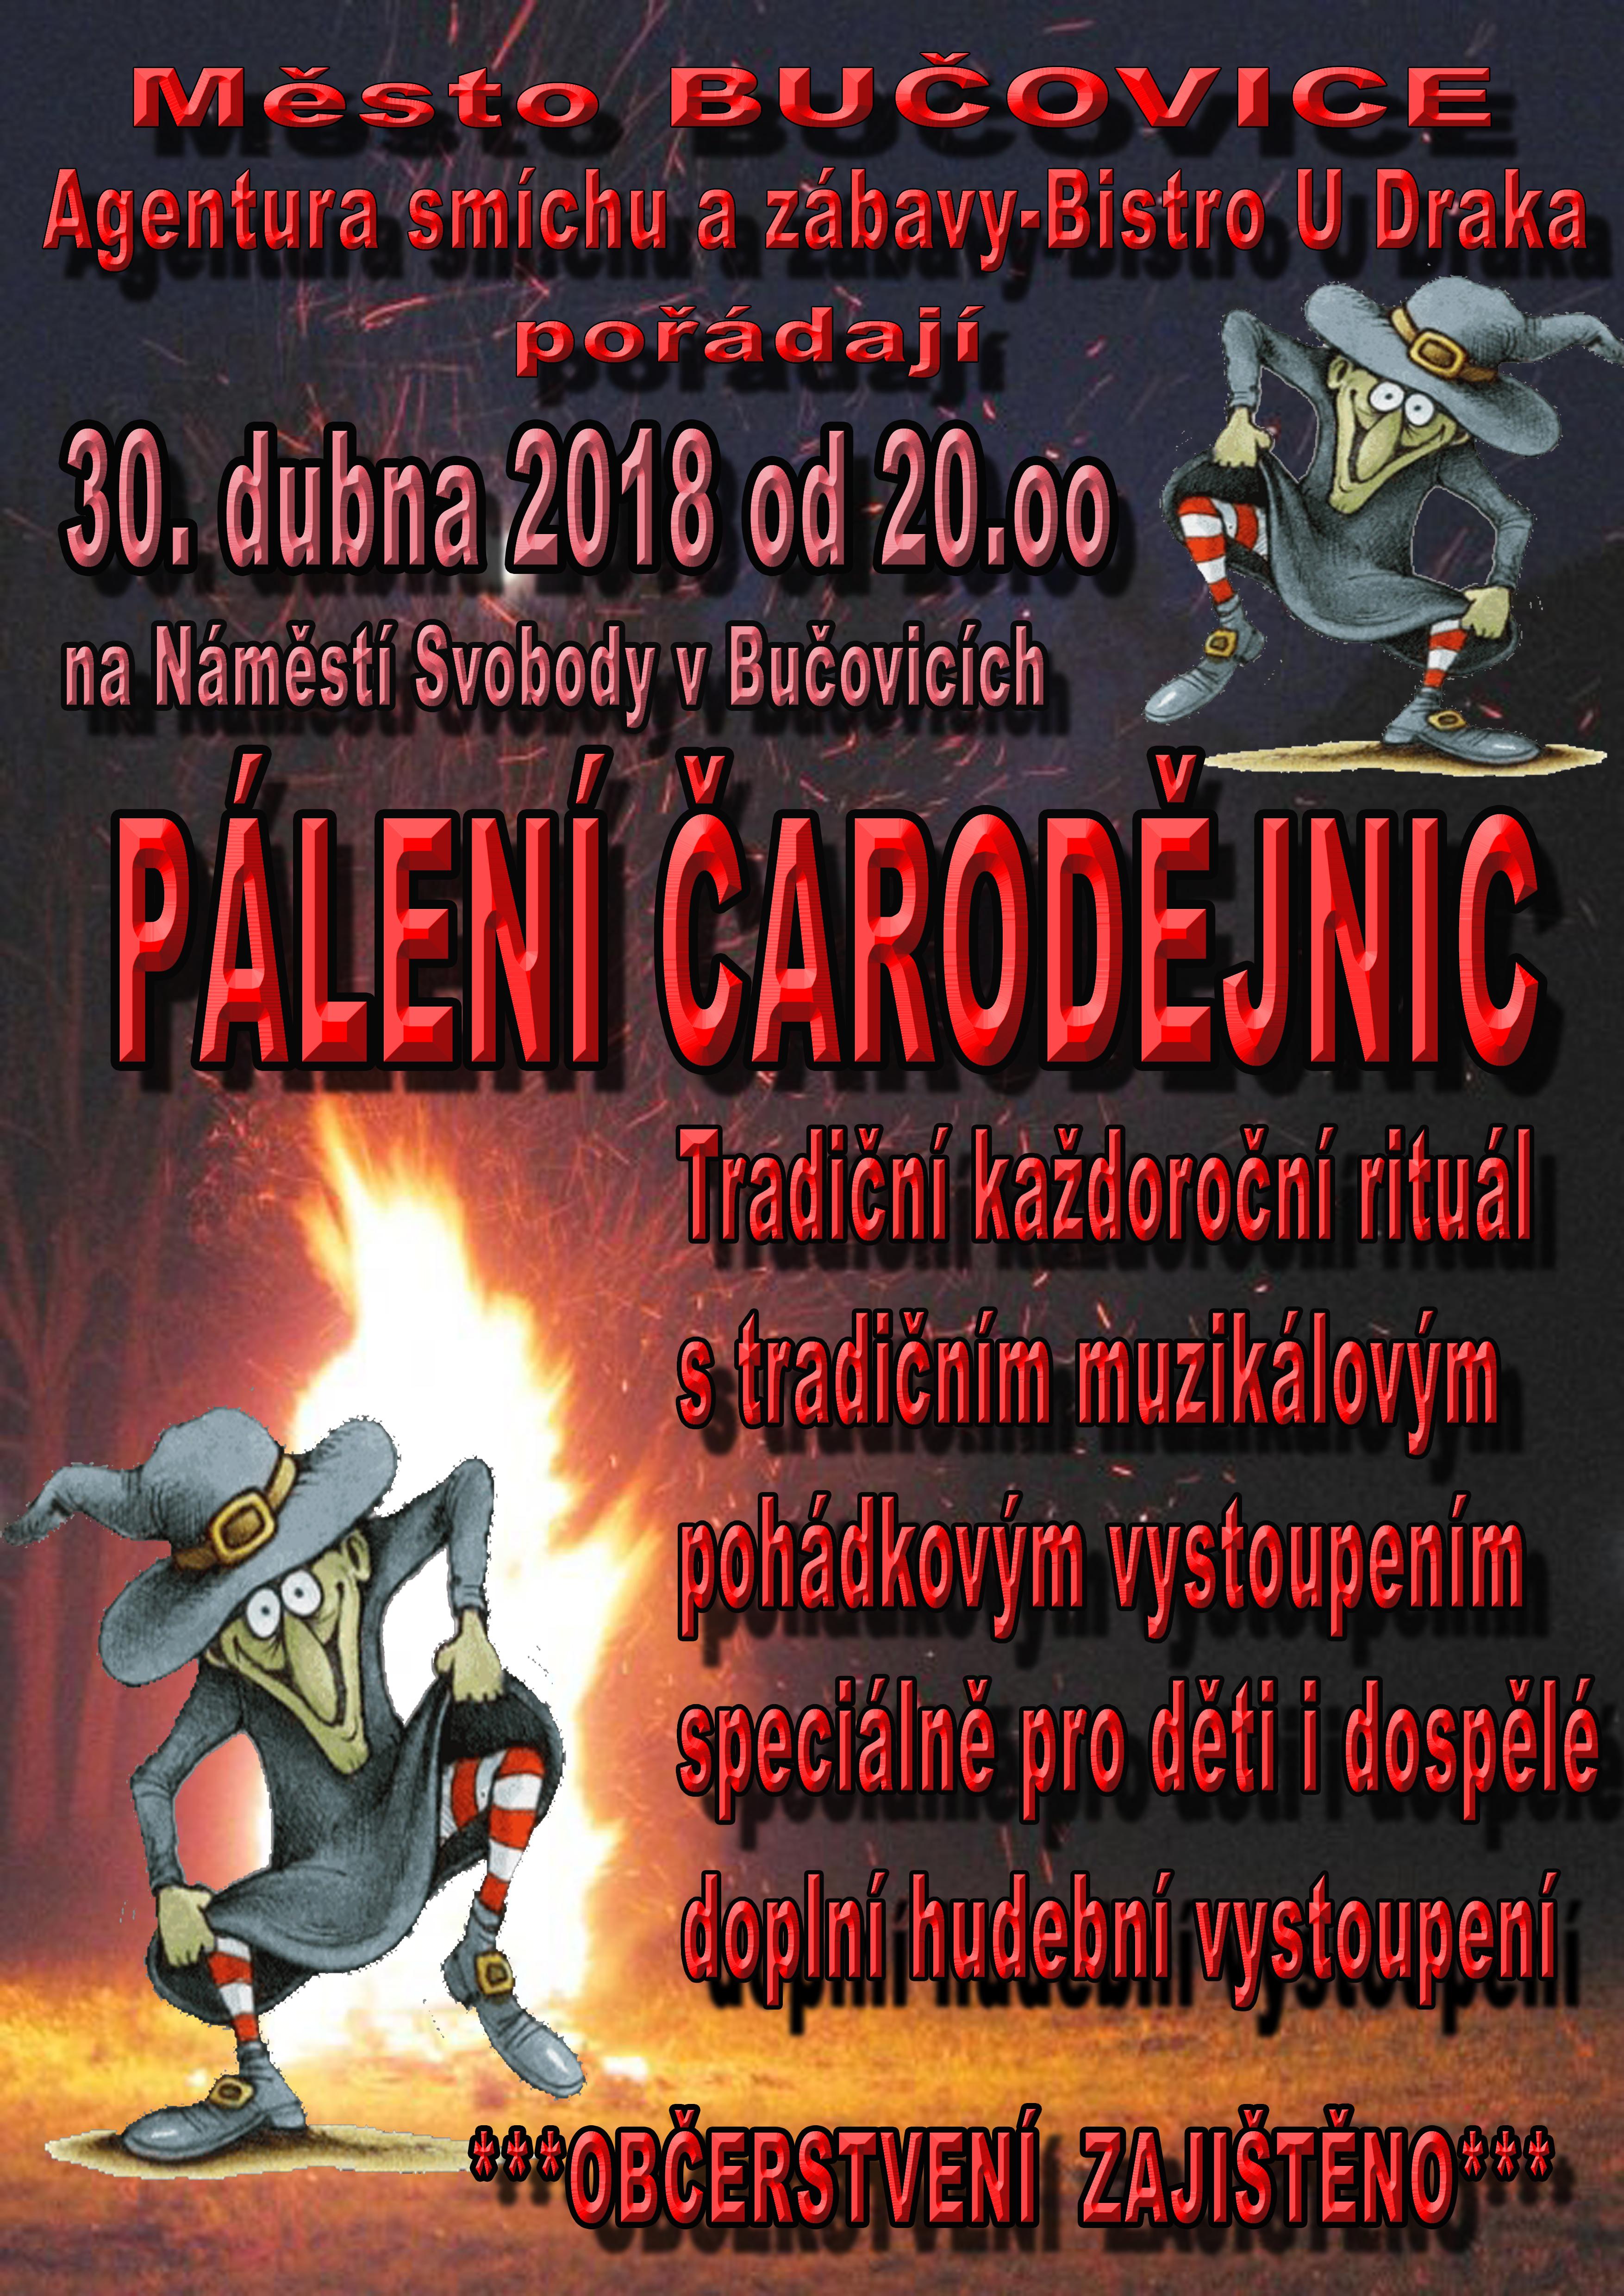 http://www.bucovice.cz/assets/File.ashx?id_org=1516&id_dokumenty=29106